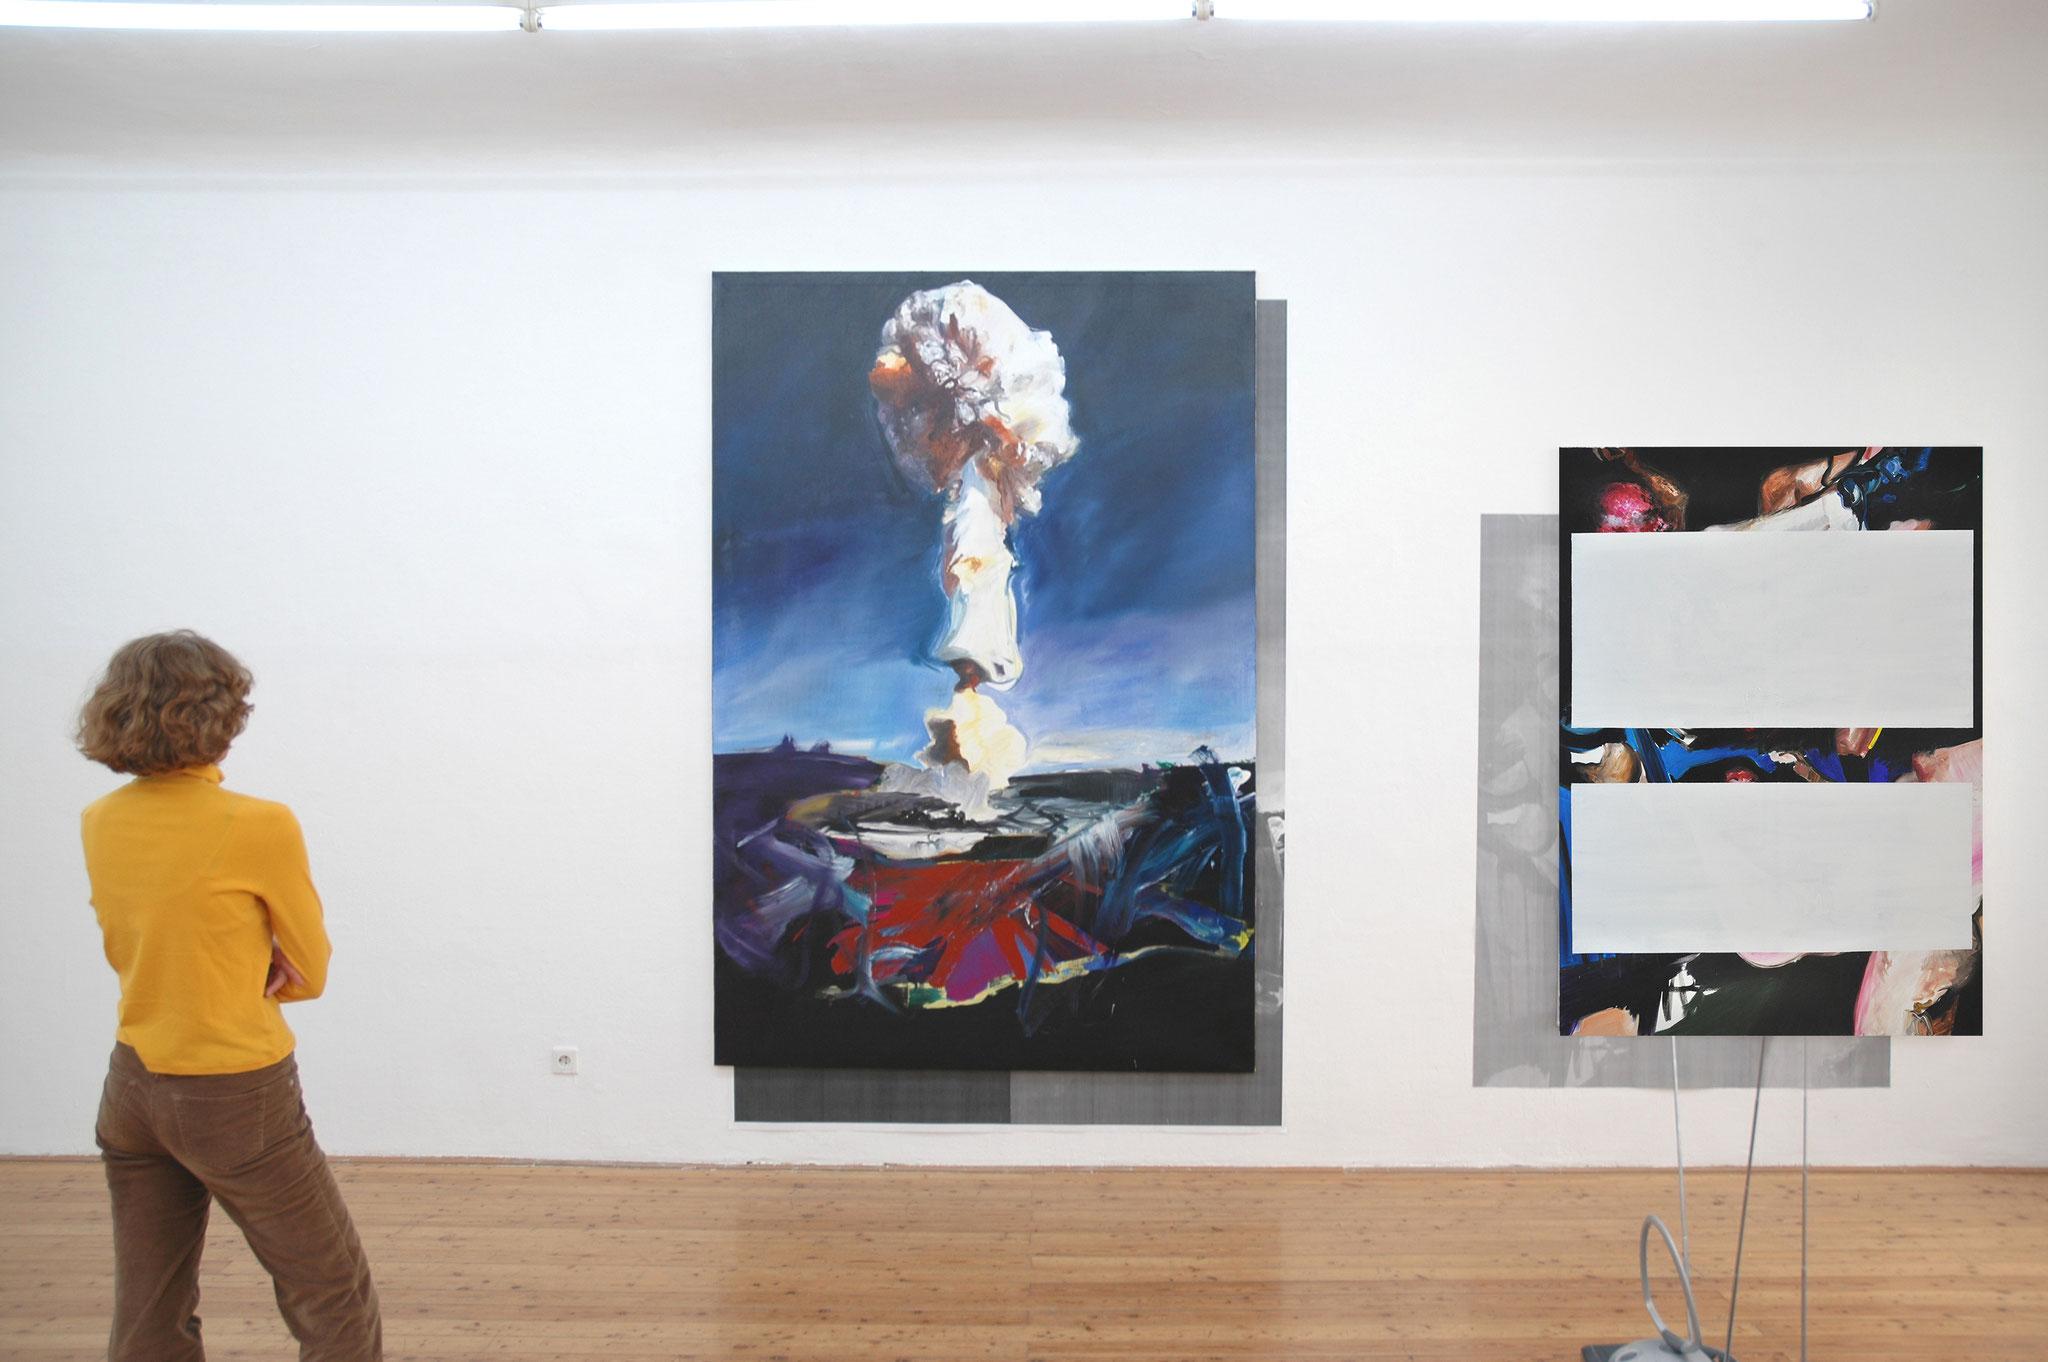 Recent Changes, Galerie 5020, Salzburg, 2008